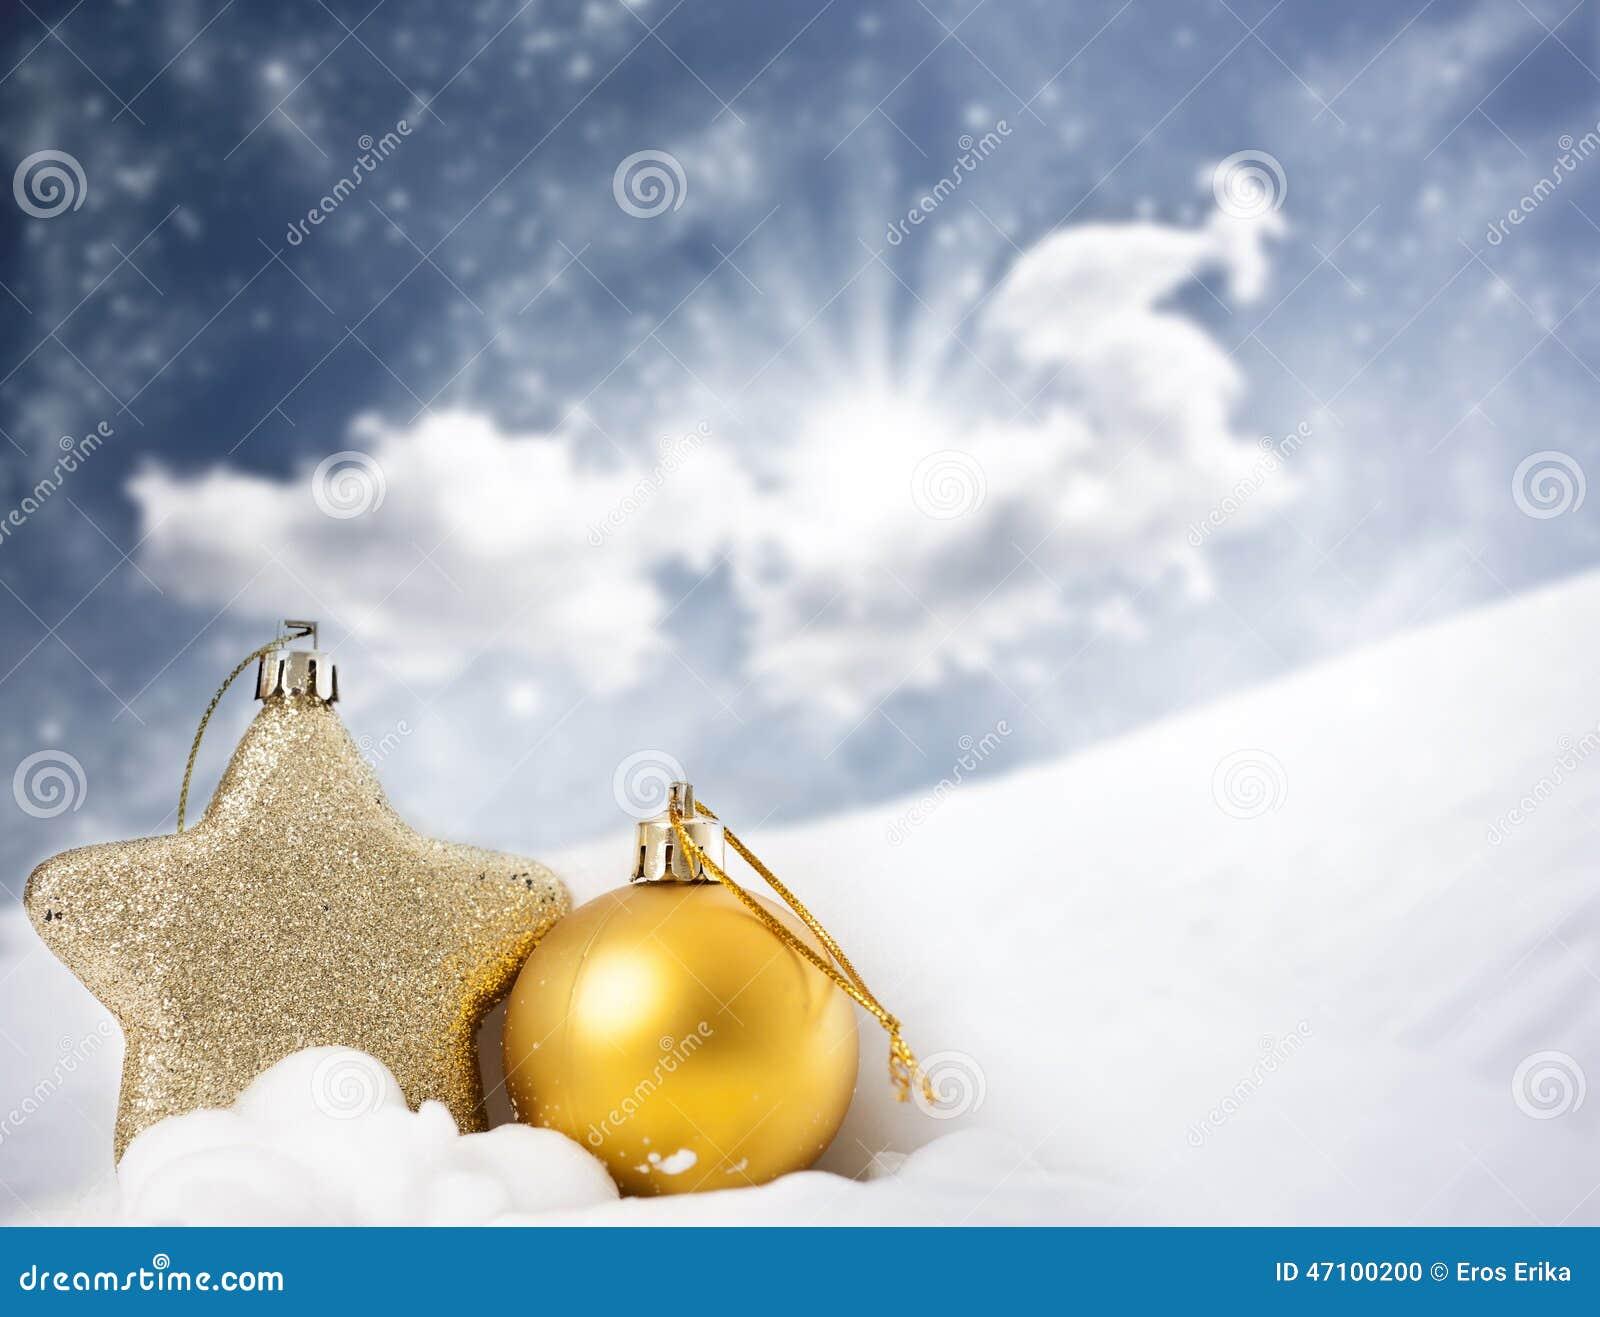 Weihnachtsdekorationen im Schnee